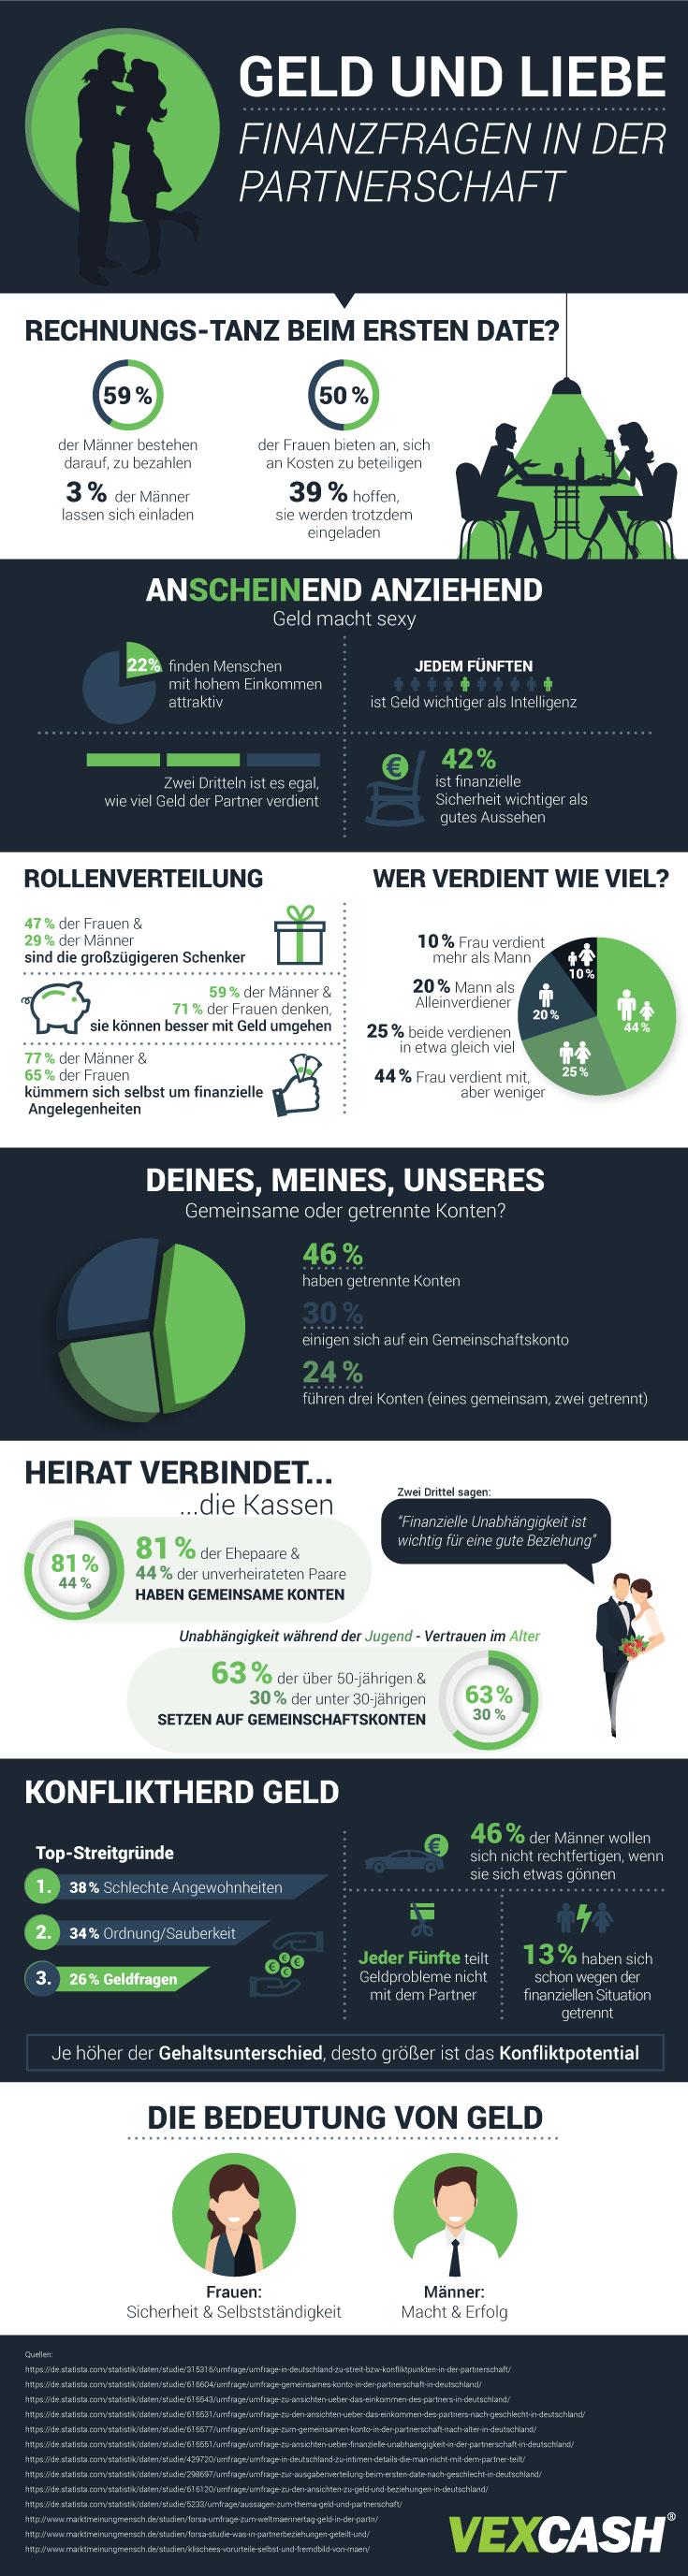 """Geld und Liebe - copyright: VEXCASH <a href=""""https://www.vexcash.com/blog/geld-partnerschaft-finanzen-in-beziehung/"""" title=""""VEXCASH"""" target=""""_blank"""" rel=""""nofollow"""">VEXCASH</a>"""